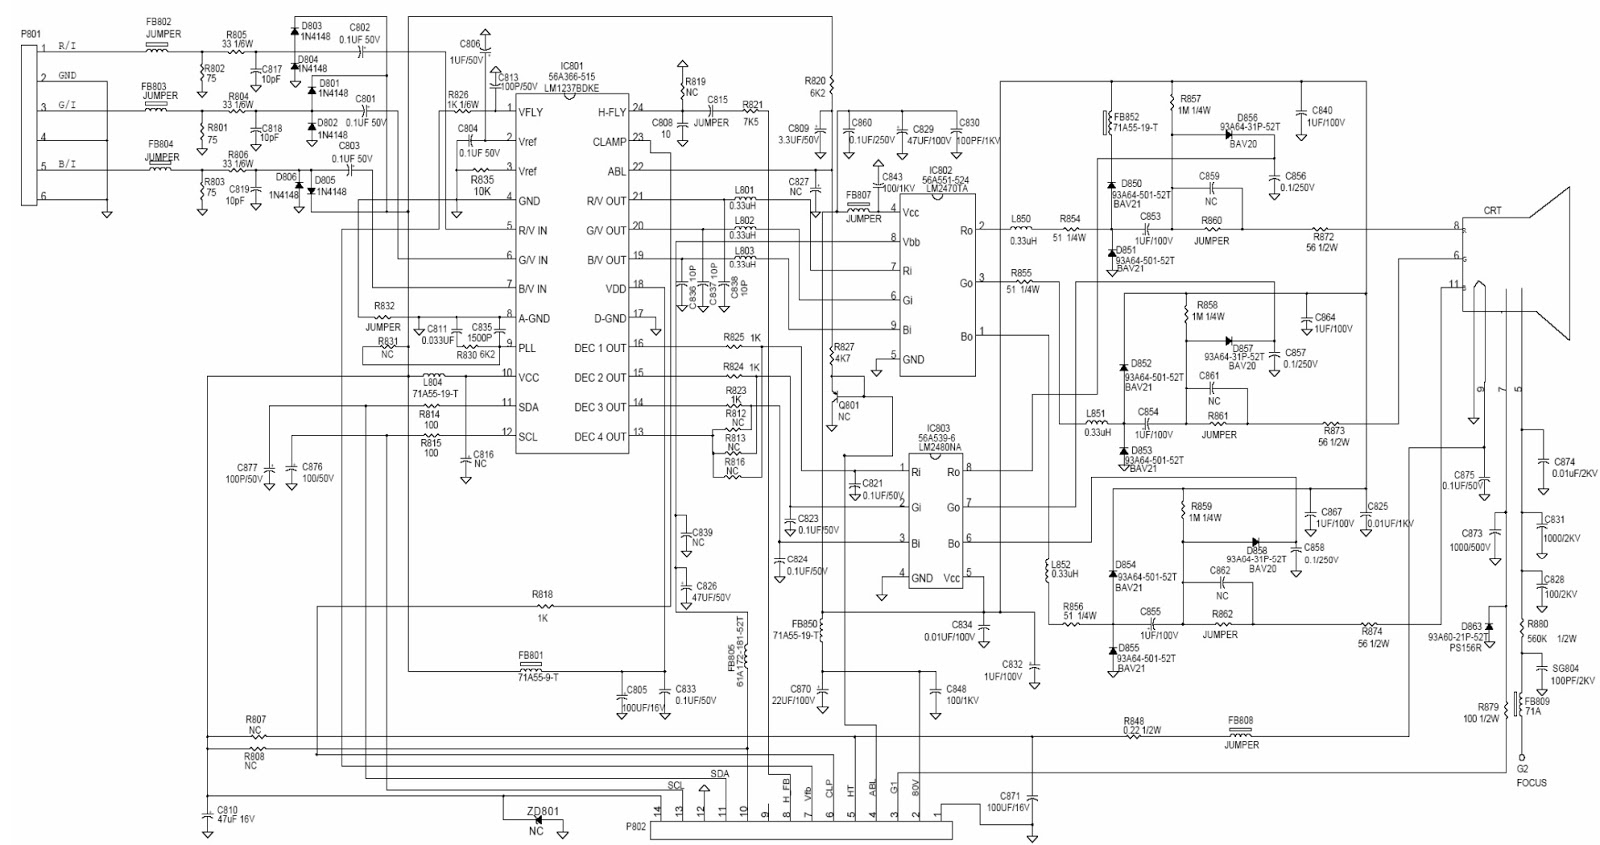 hight resolution of crt screen schematic wiring diagram crt monitor schematic diagram schema wiring diagramhp 7540 17 inch crt